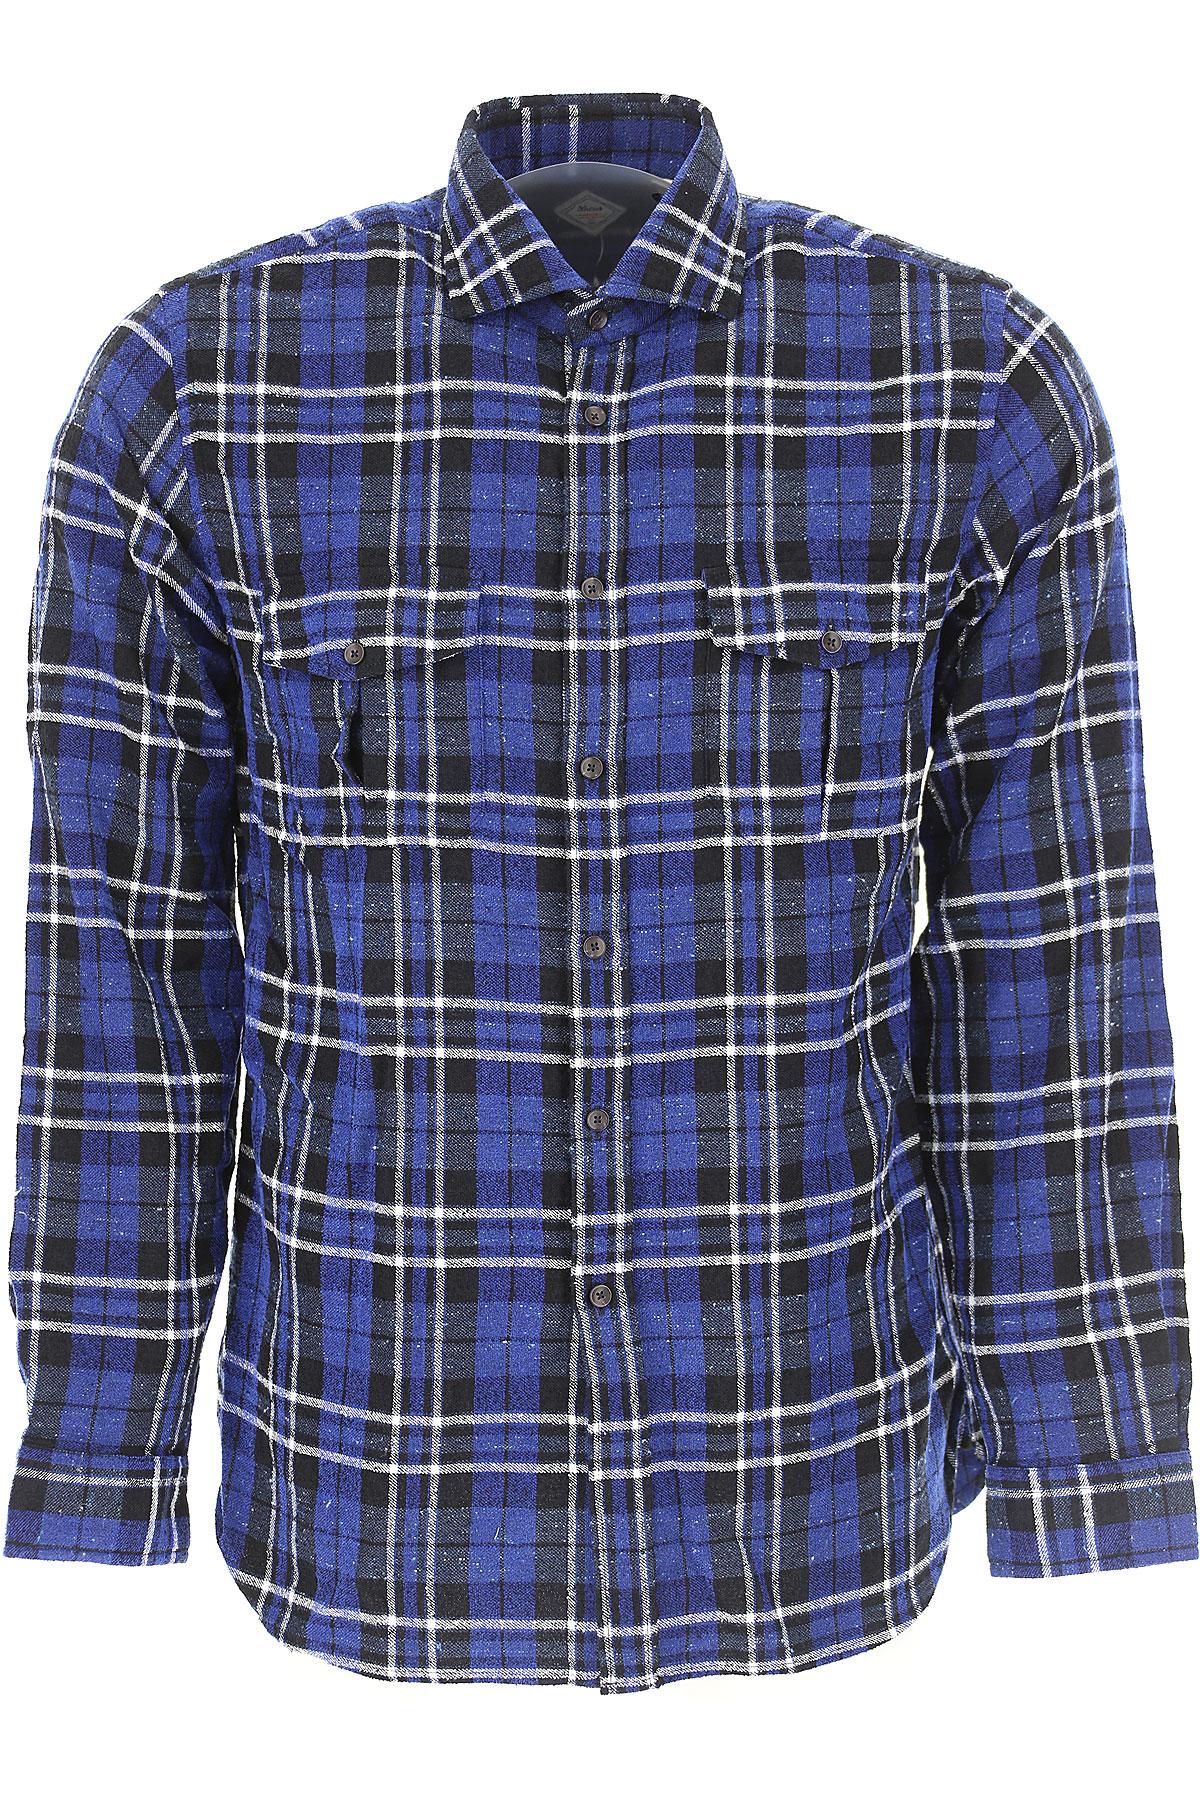 Image of Xacus Shirt for Men, Blue, Cotton, 2017, L M S XL XXL